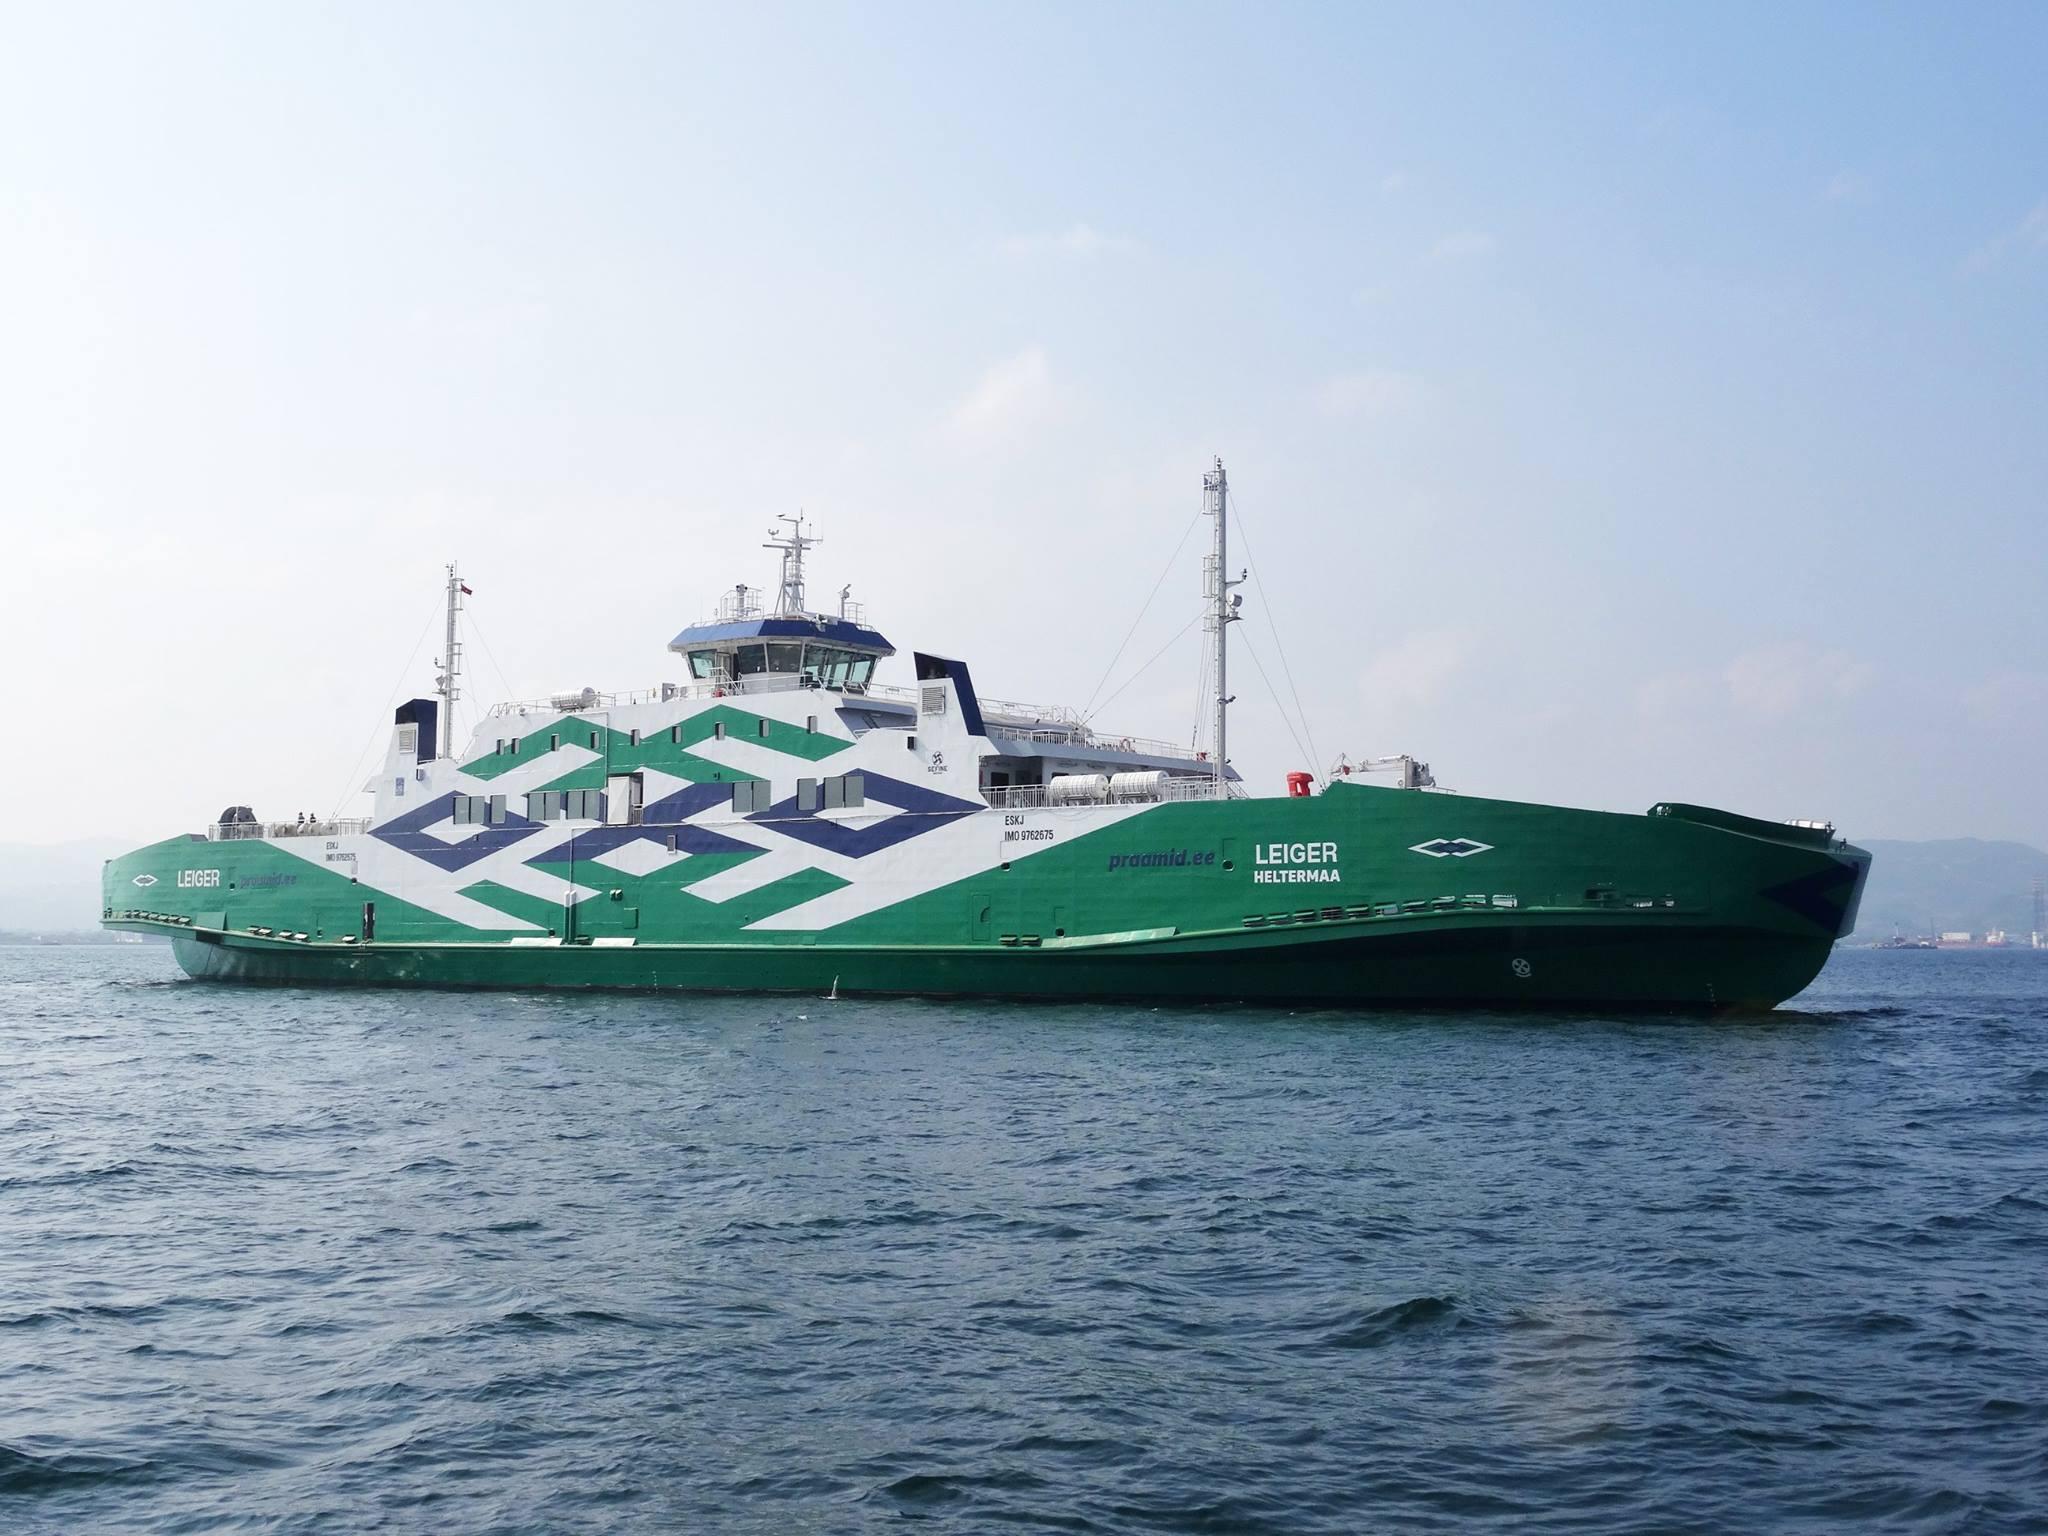 Neljapäeval Hispaaniast Vigo sadamast taas Eesti suunas teekonda jätkanud parvlaev Leiger jõuab eeldatavasti keskööks Prantsusmaale Bresti sadamasse. Laevaliiklust jälgiva veebirakenduse Marinetraffic andmetel oli Leigeri järgmine sihtkoht esialgu Põhja-Saksamaal Elbe jõe […]